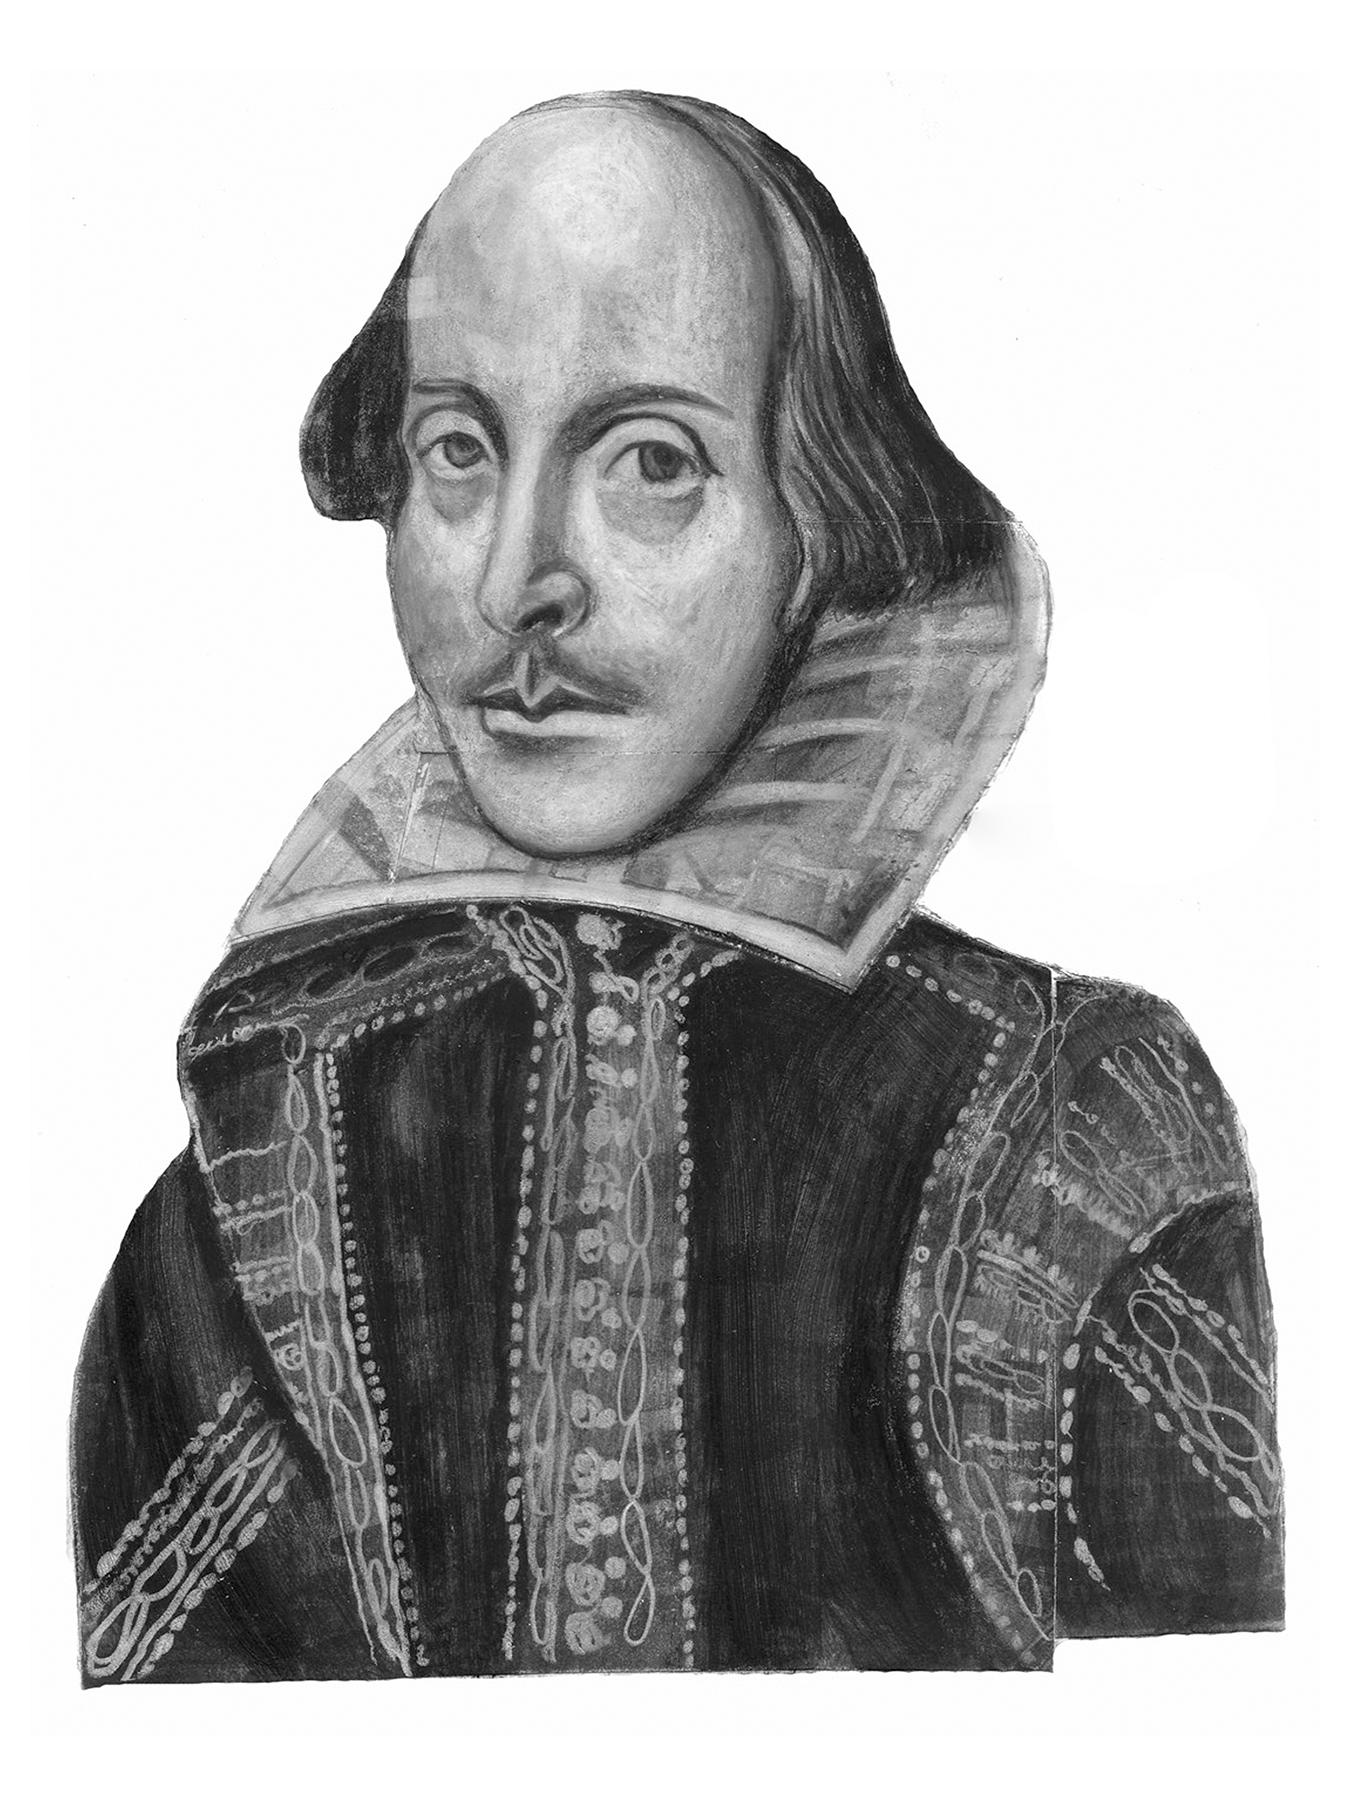 William Shakespeare / Chicago Tribune